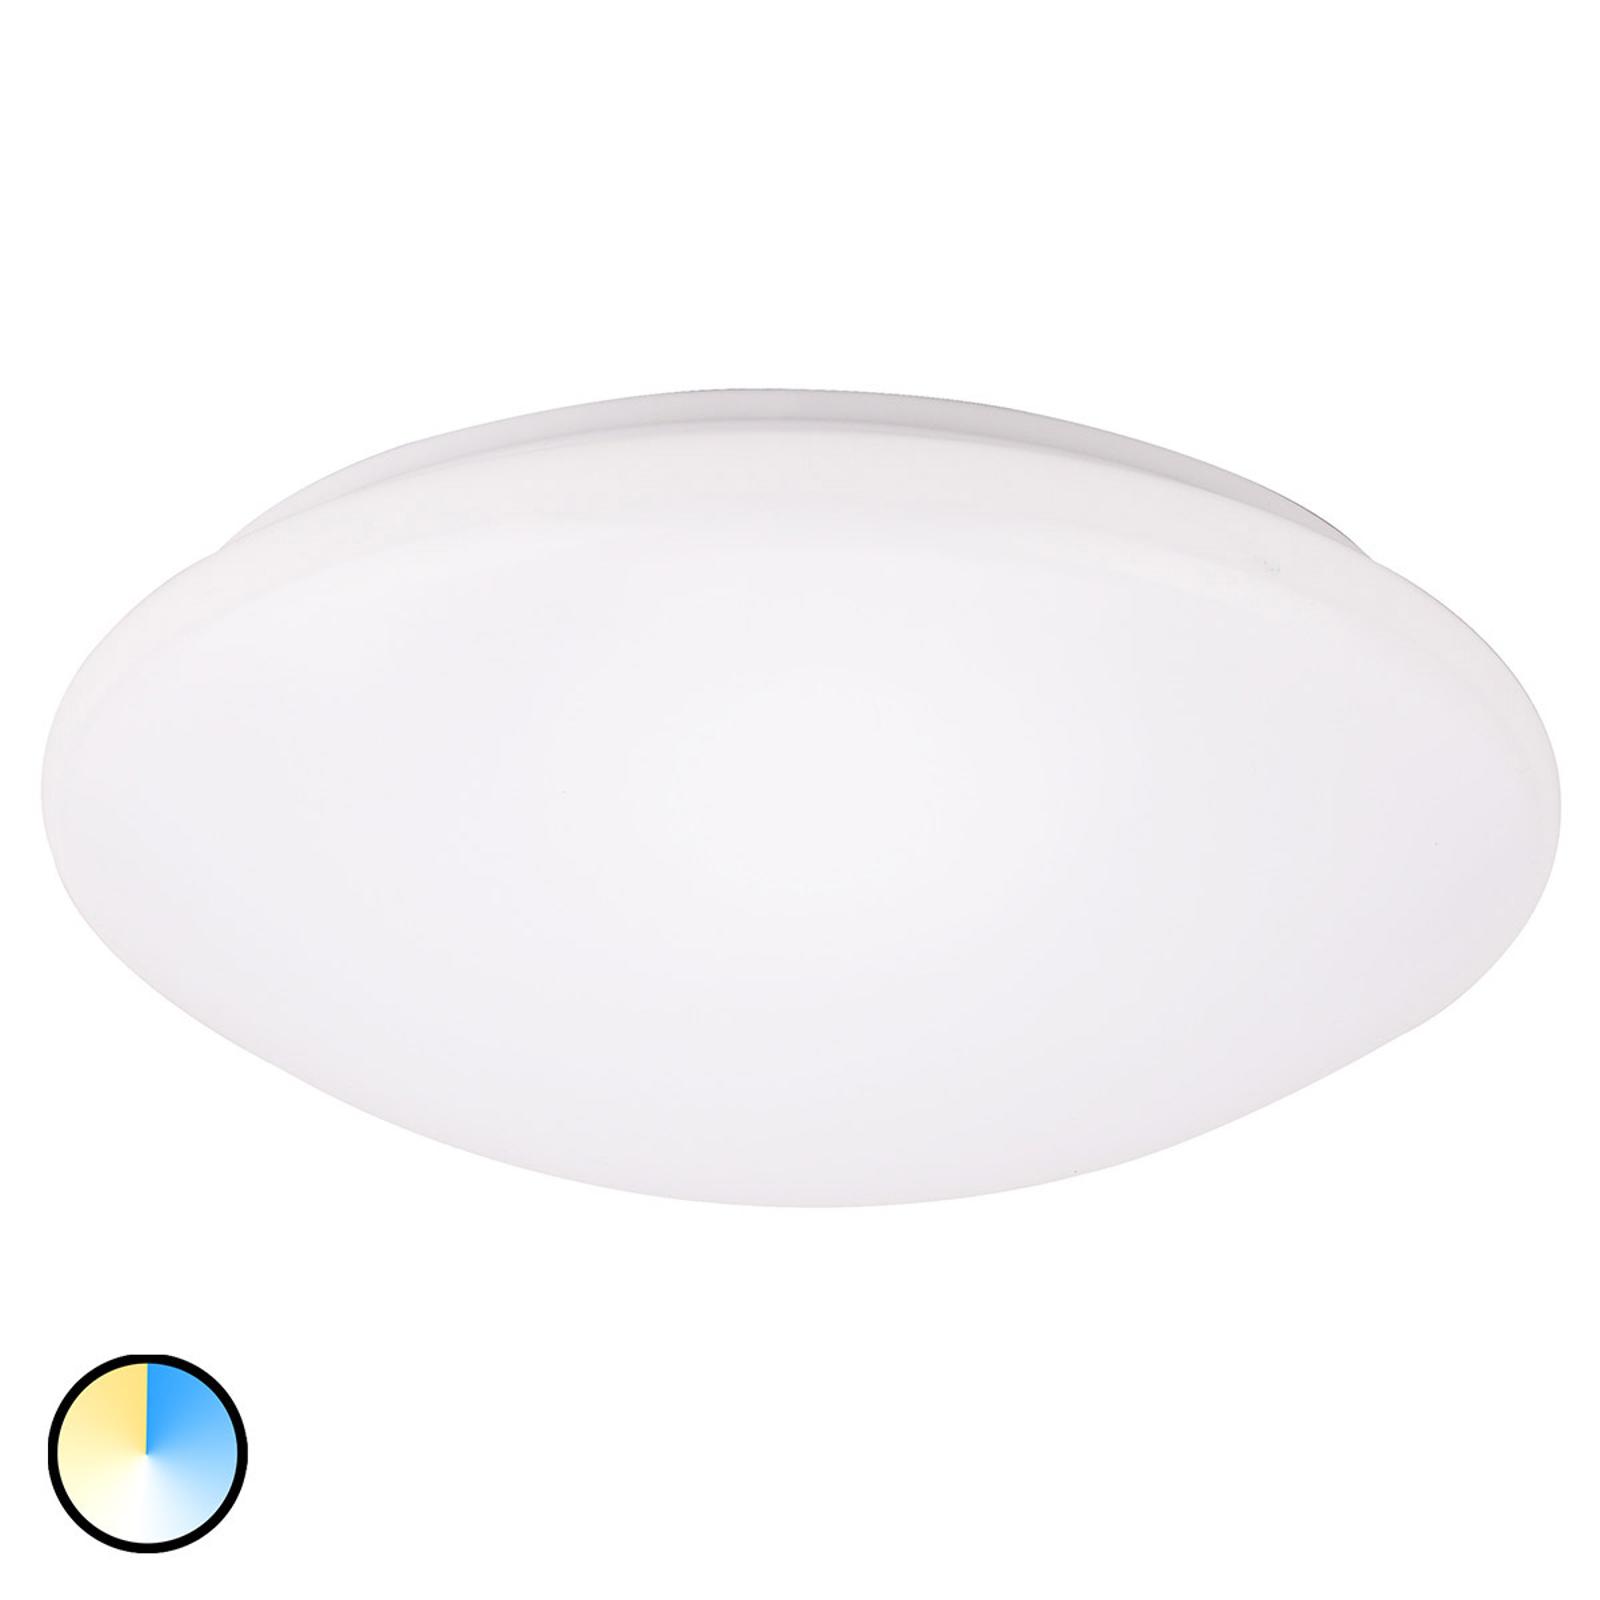 Lampa sufitowa LED Wandsbek z 3 kolorami światła